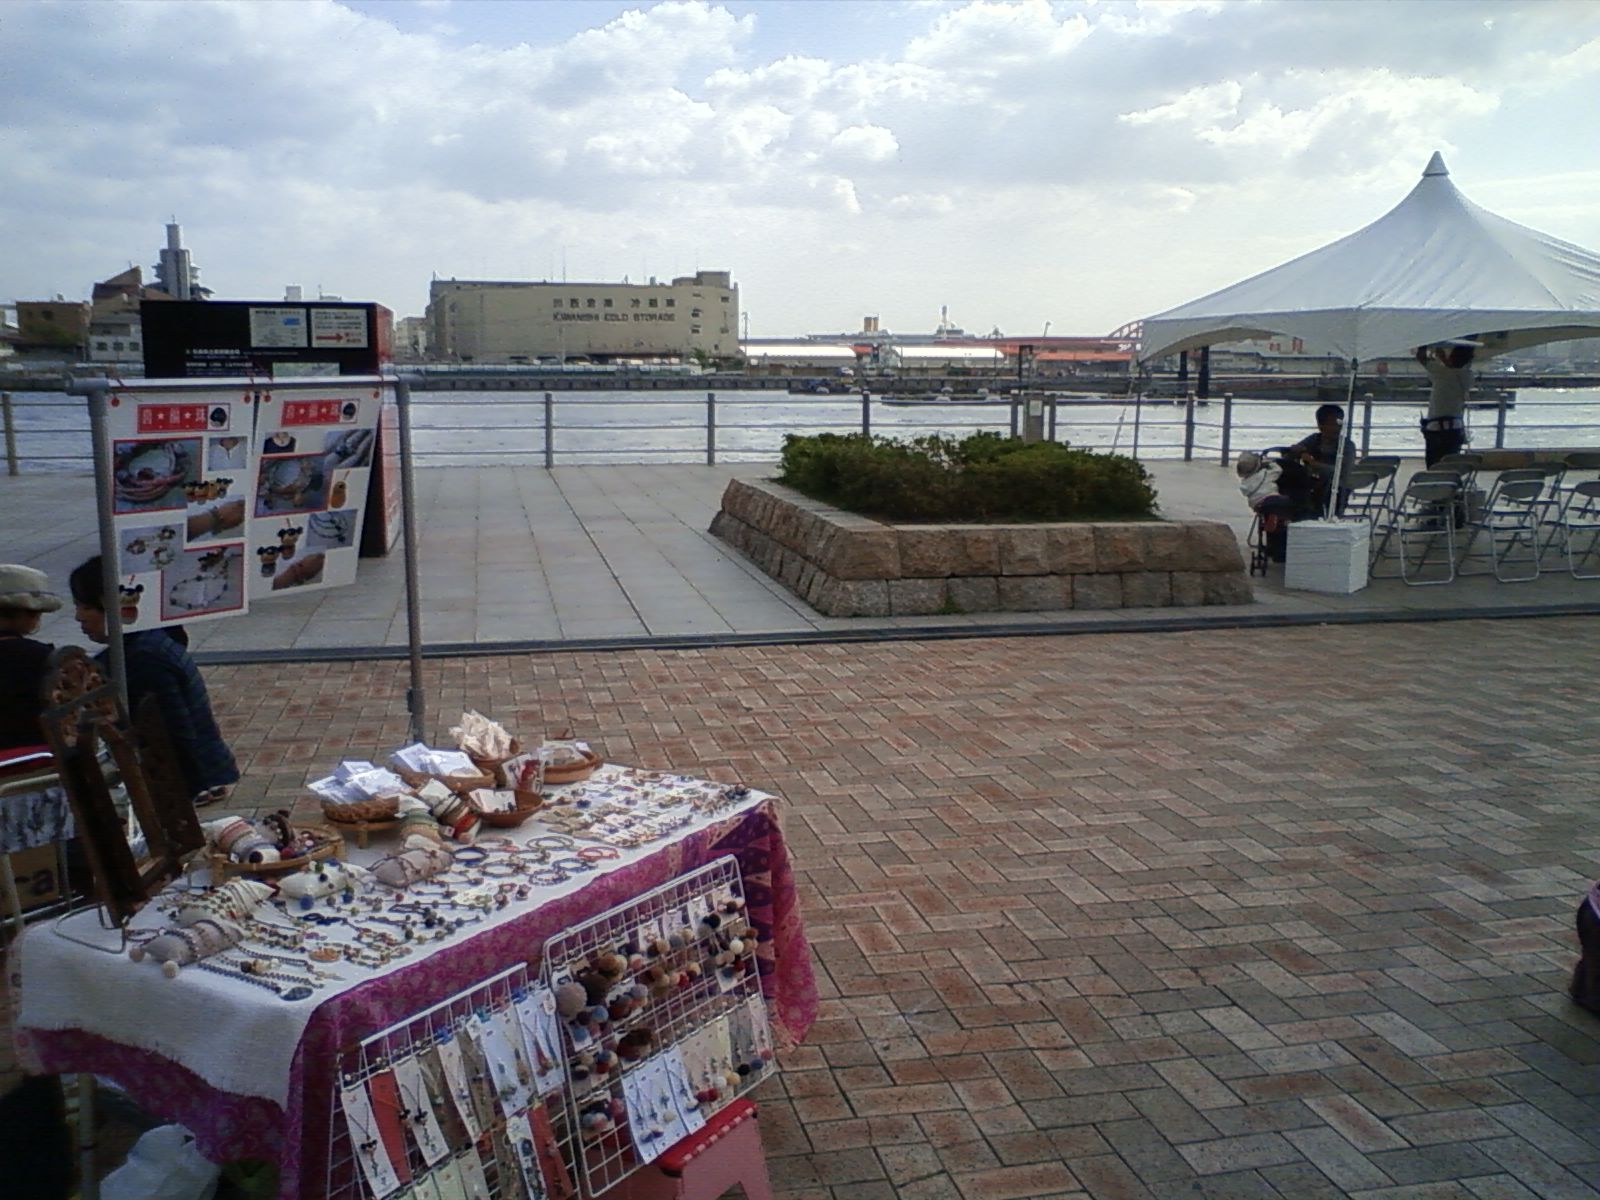 10月18日 ビエンナーレ アートマーケット 準備完了。